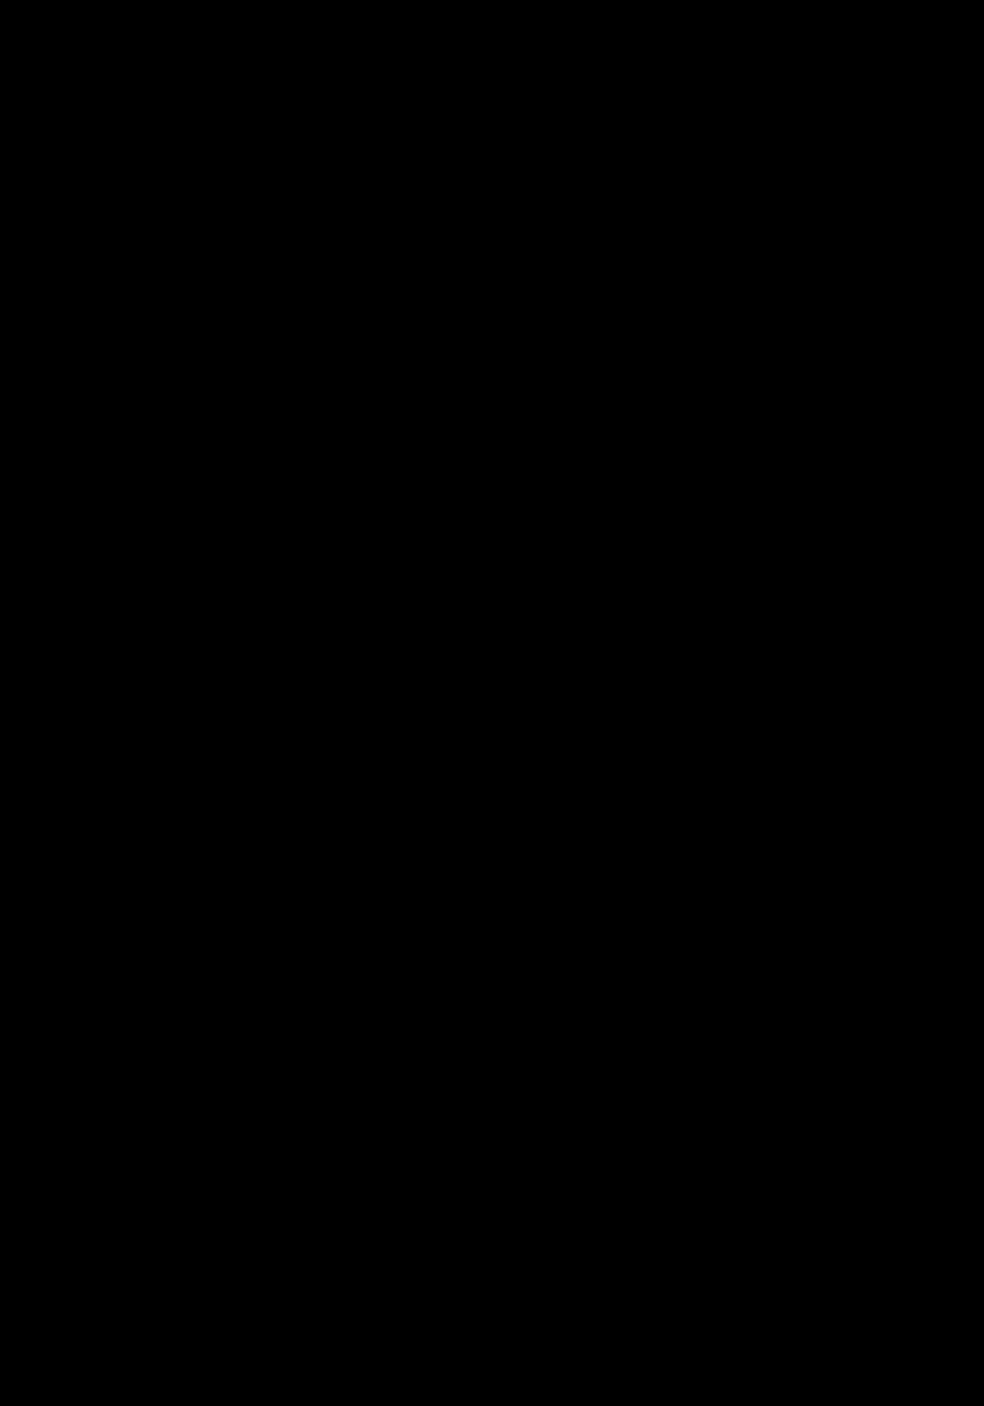 艶 M 大かな MTU-KL 縦組見本